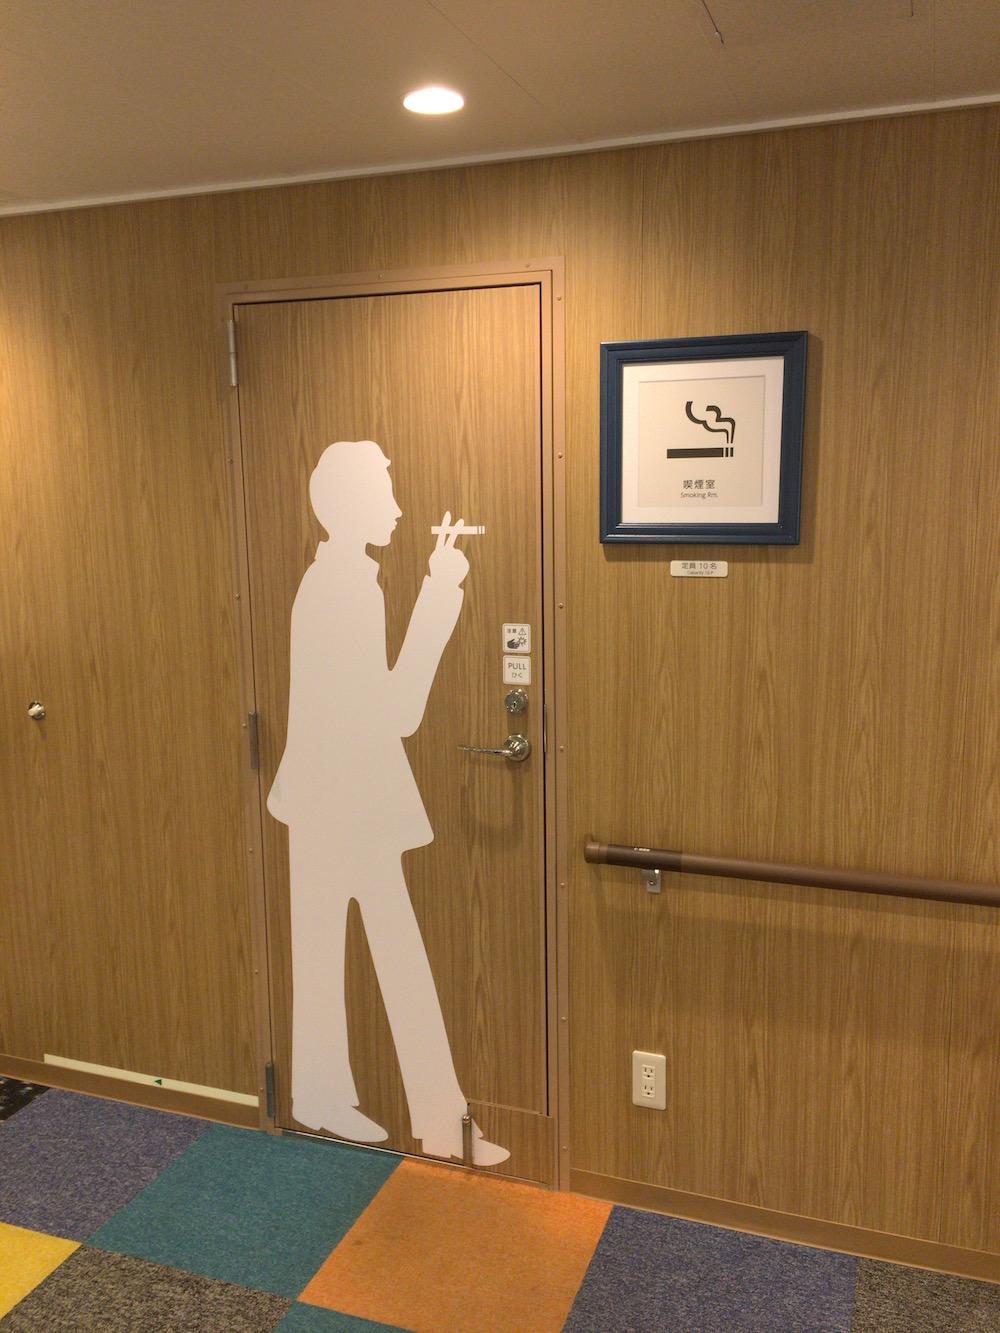 おがさわら丸の喫煙室